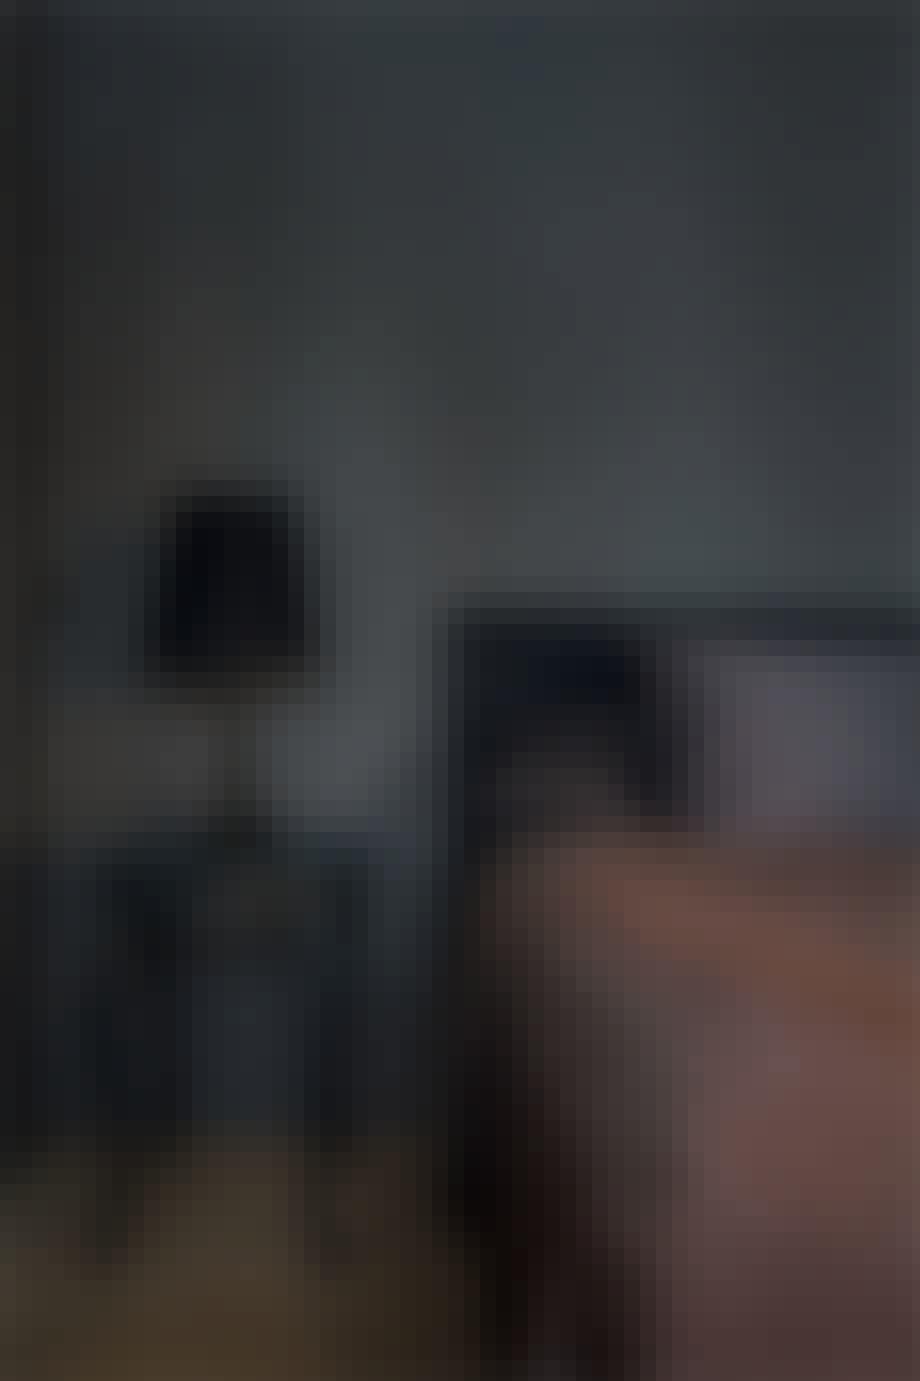 soveværelse i mørke farver og sengebord i sort med sort lampe på